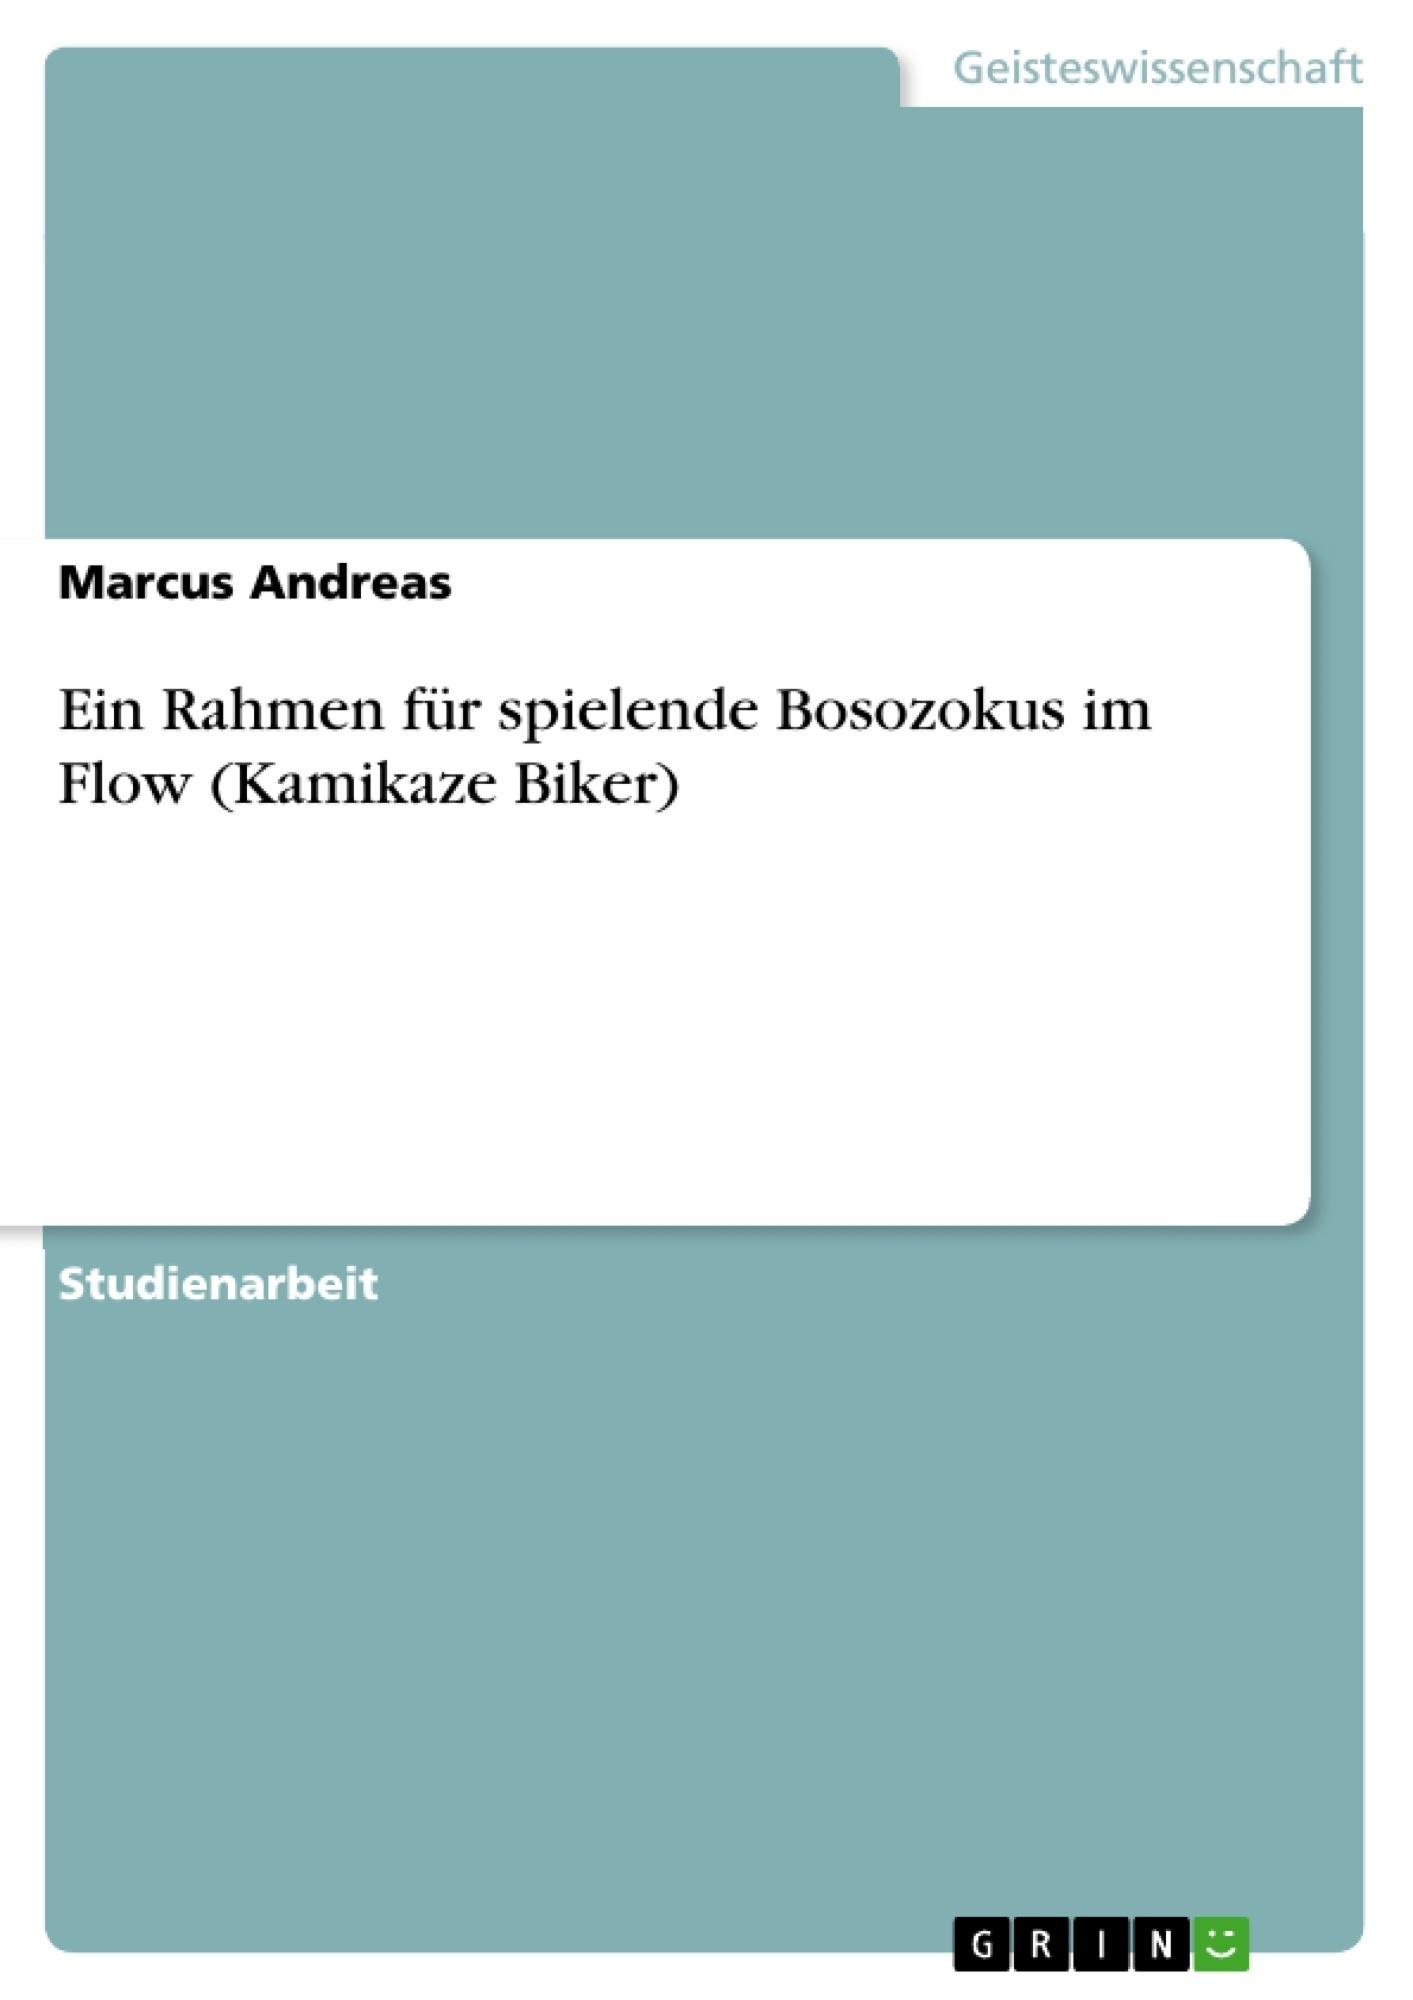 Titel: Ein Rahmen für spielende Bosozokus im Flow (Kamikaze Biker)